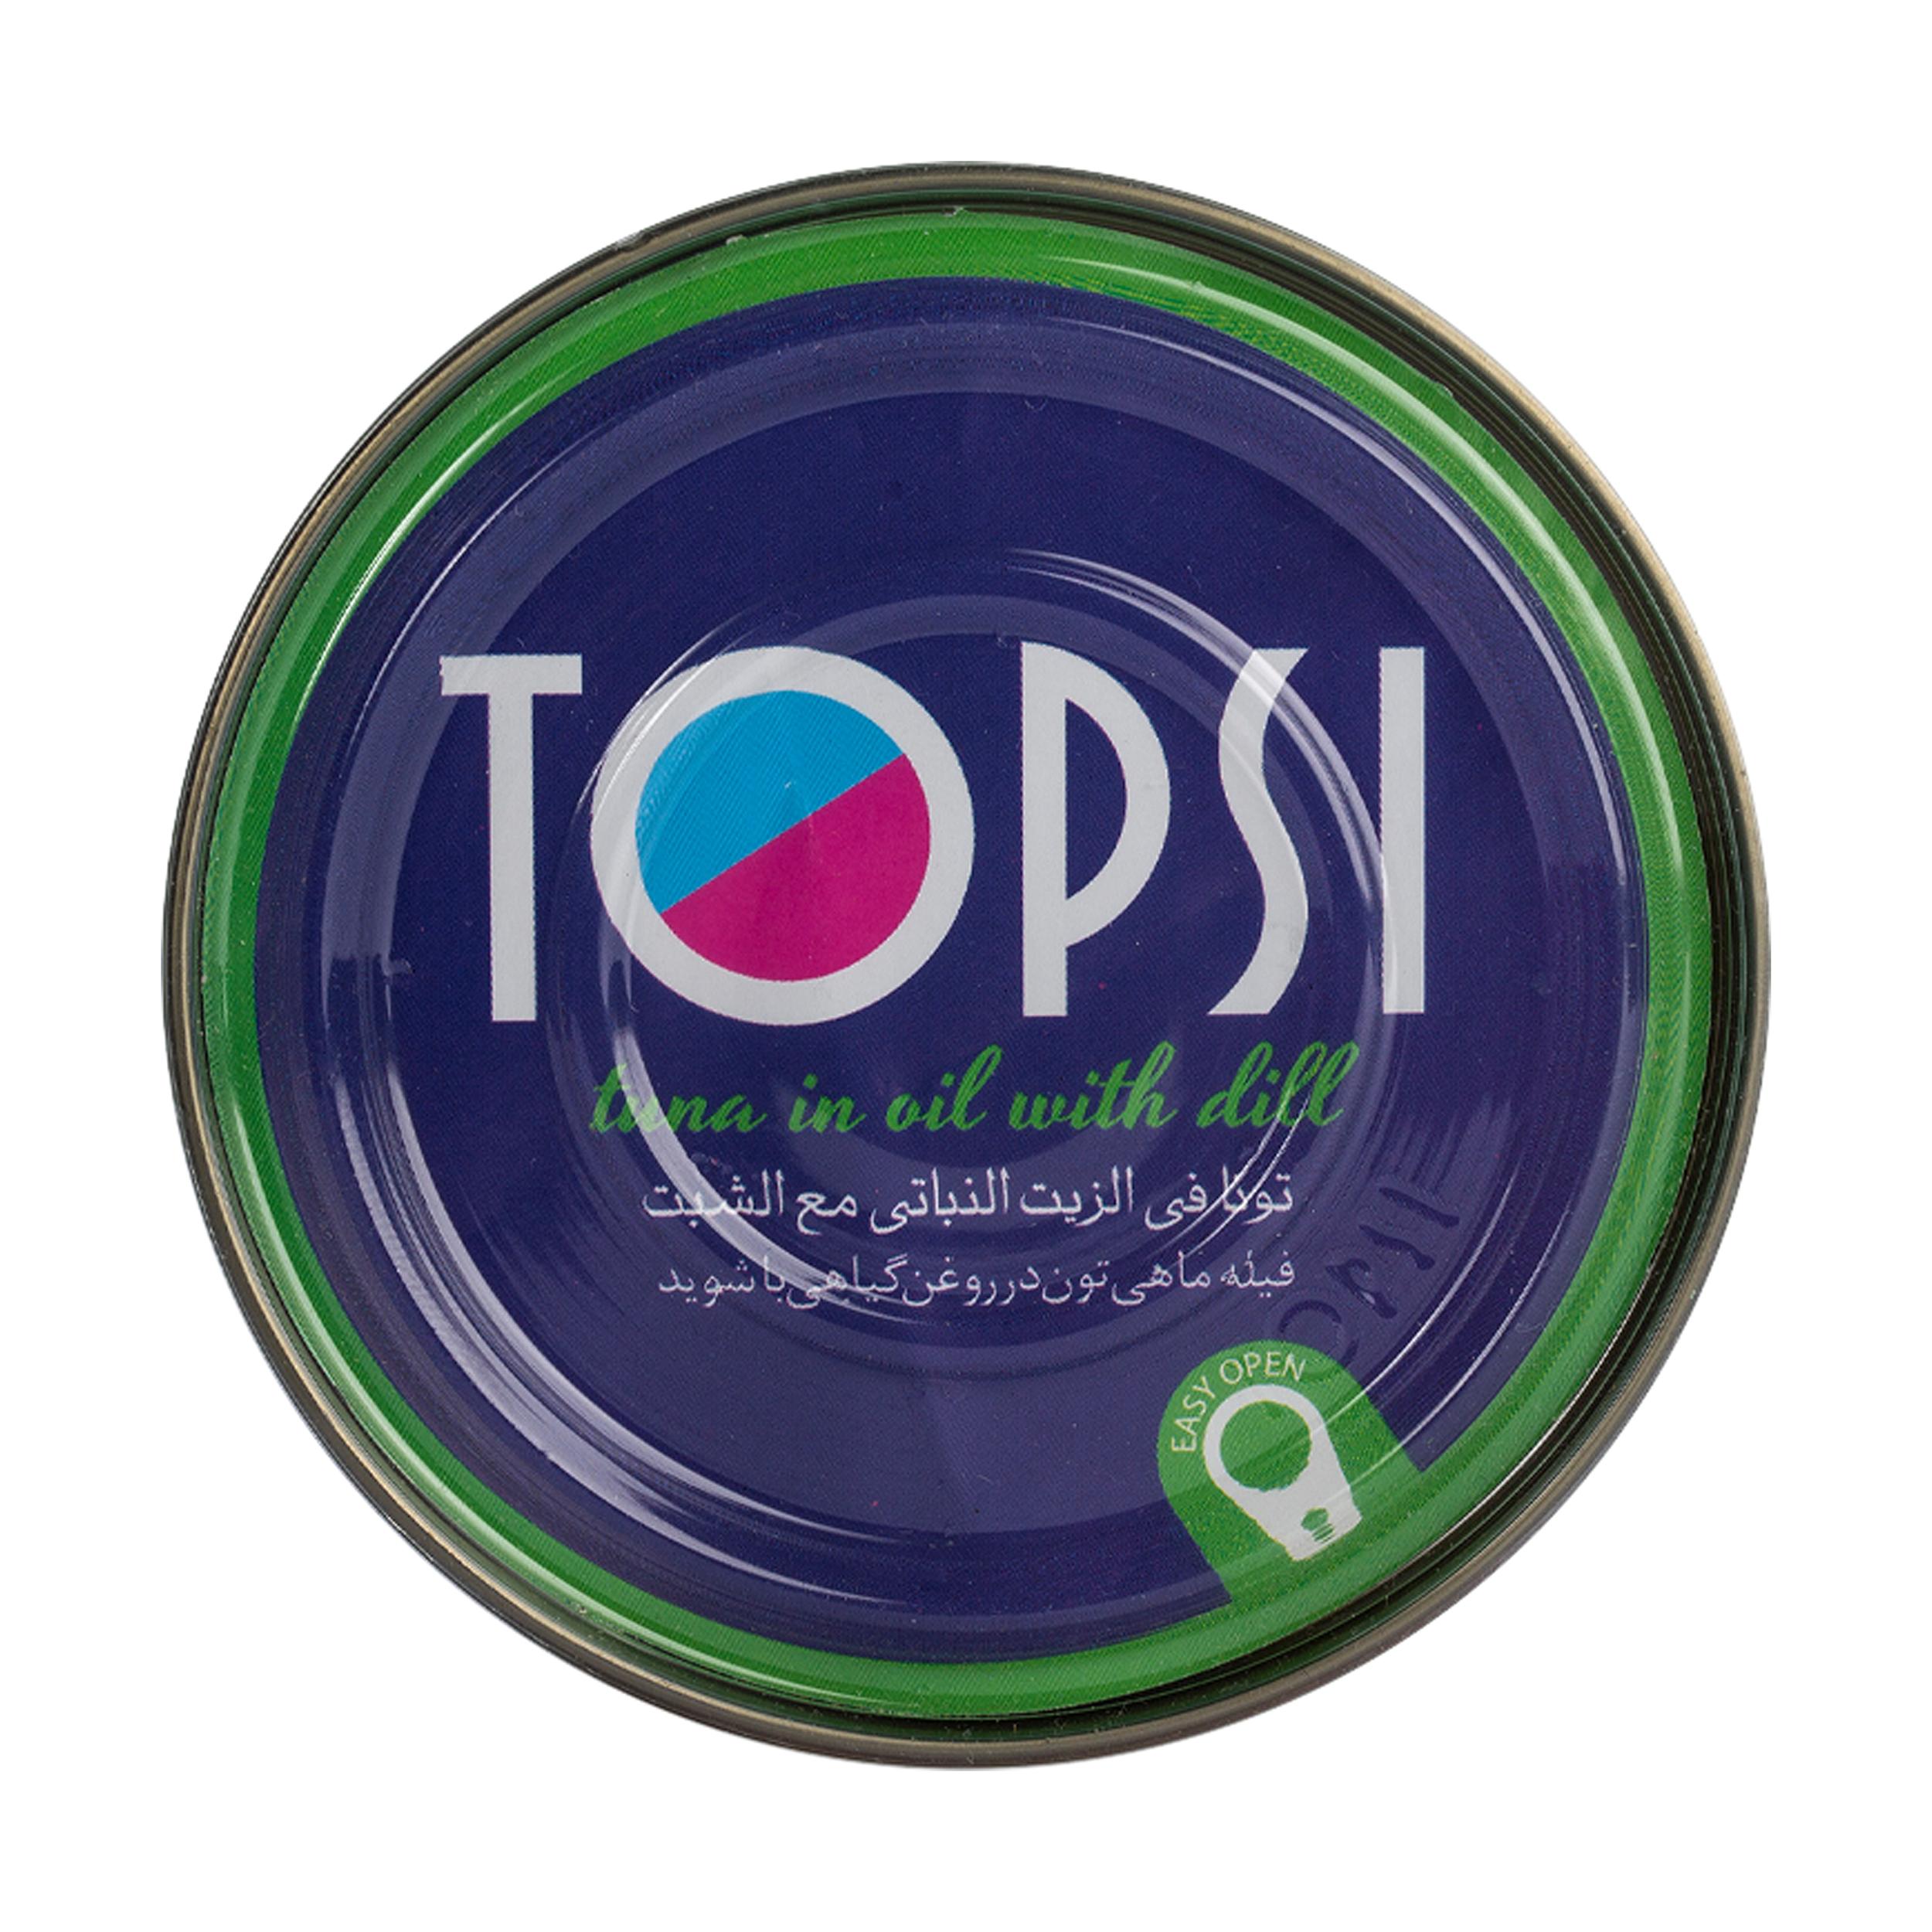 کنسرو ماهی فیله در روغن گیاهی تاپسی  - 180 گرم thumb 1